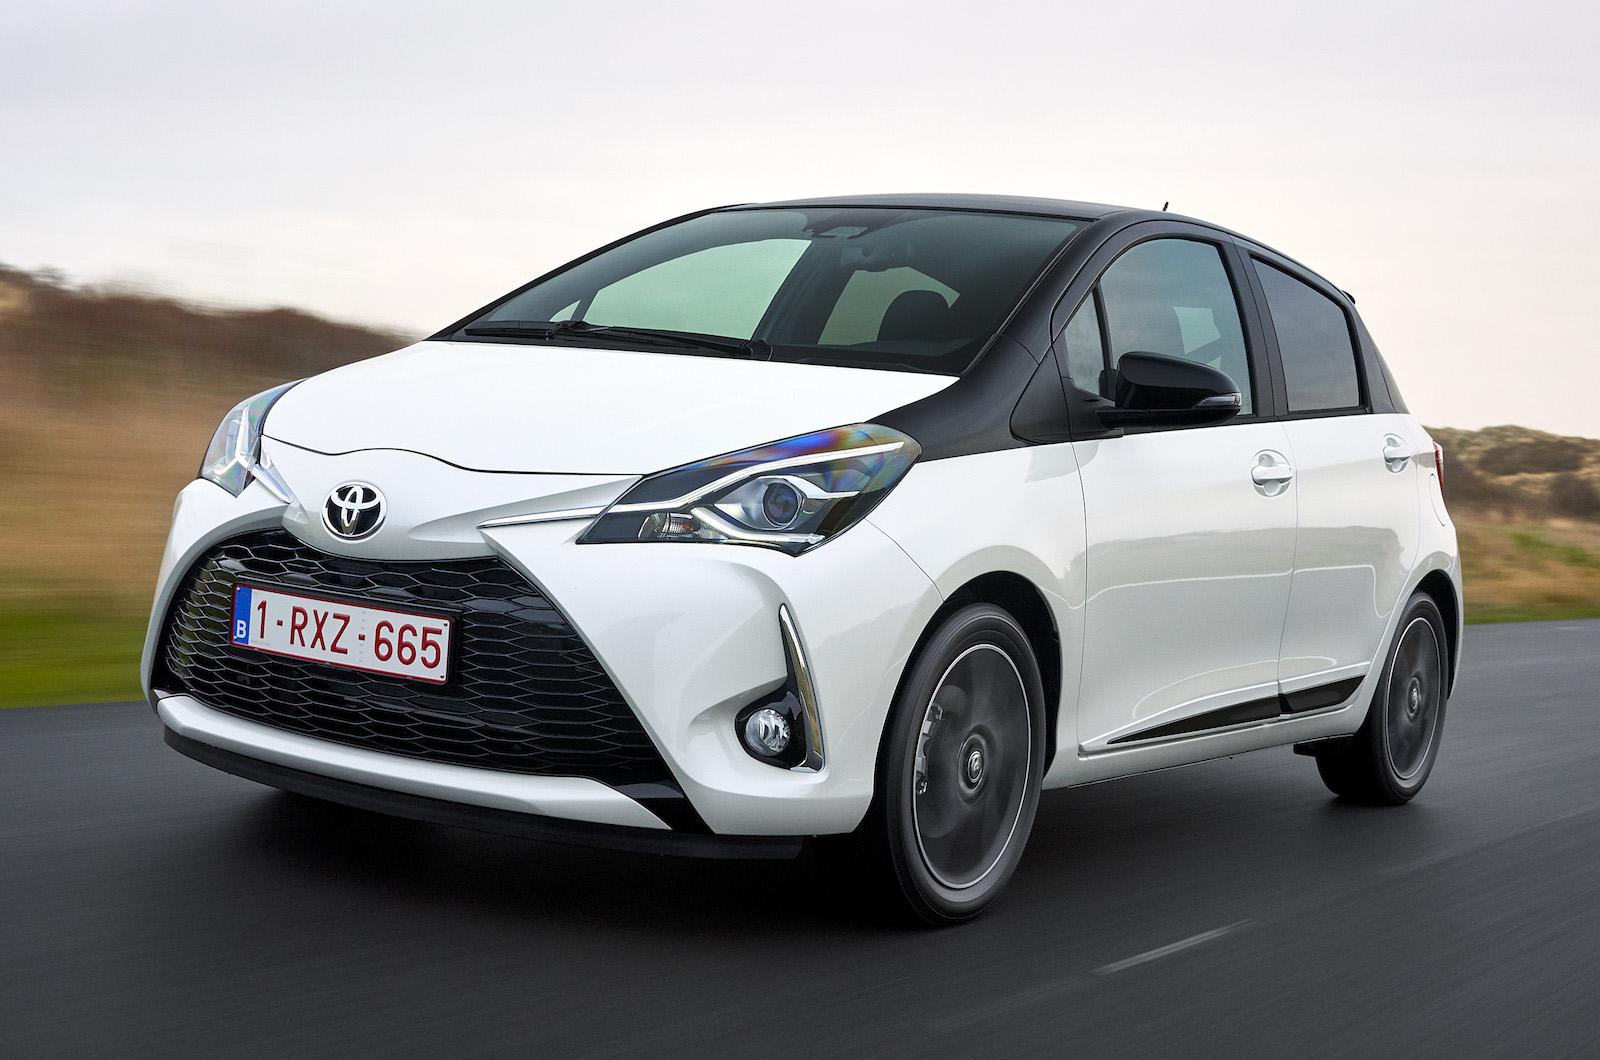 Kelebihan Kekurangan Toyota Yaris 1.5 Review